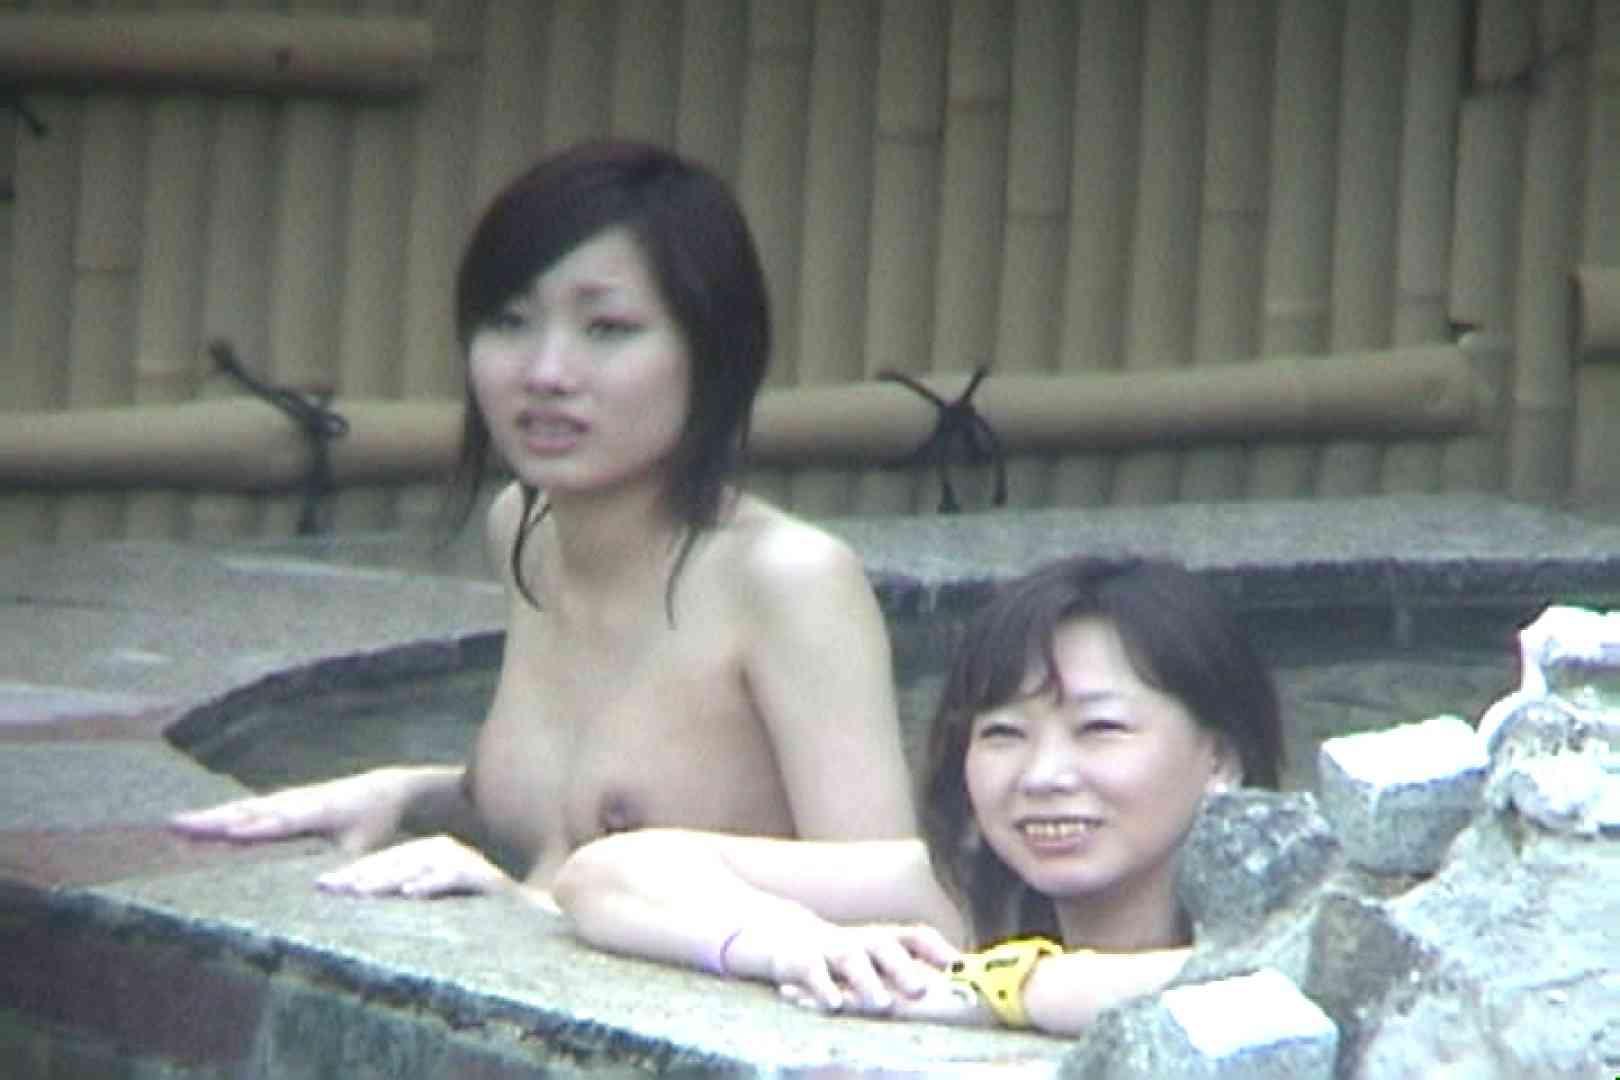 Aquaな露天風呂Vol.58【VIP限定】 盗撮  89画像 27